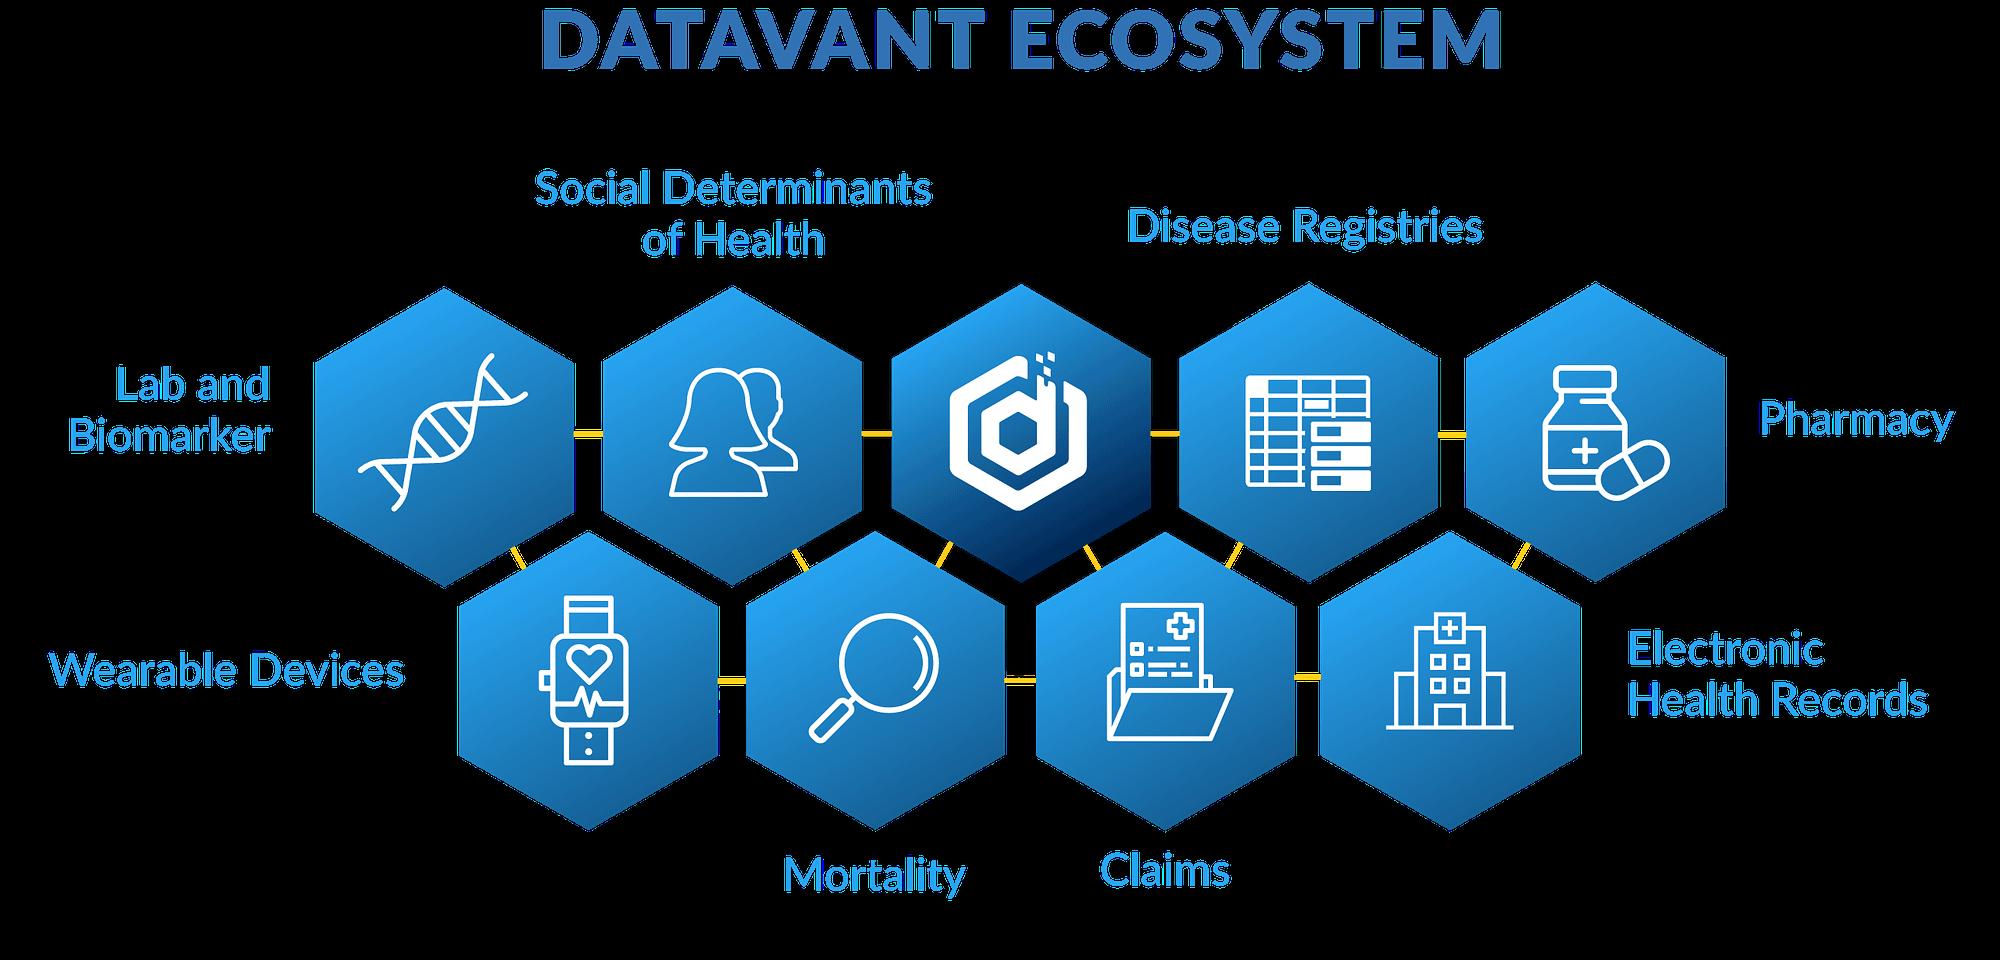 datavant_ecosystem